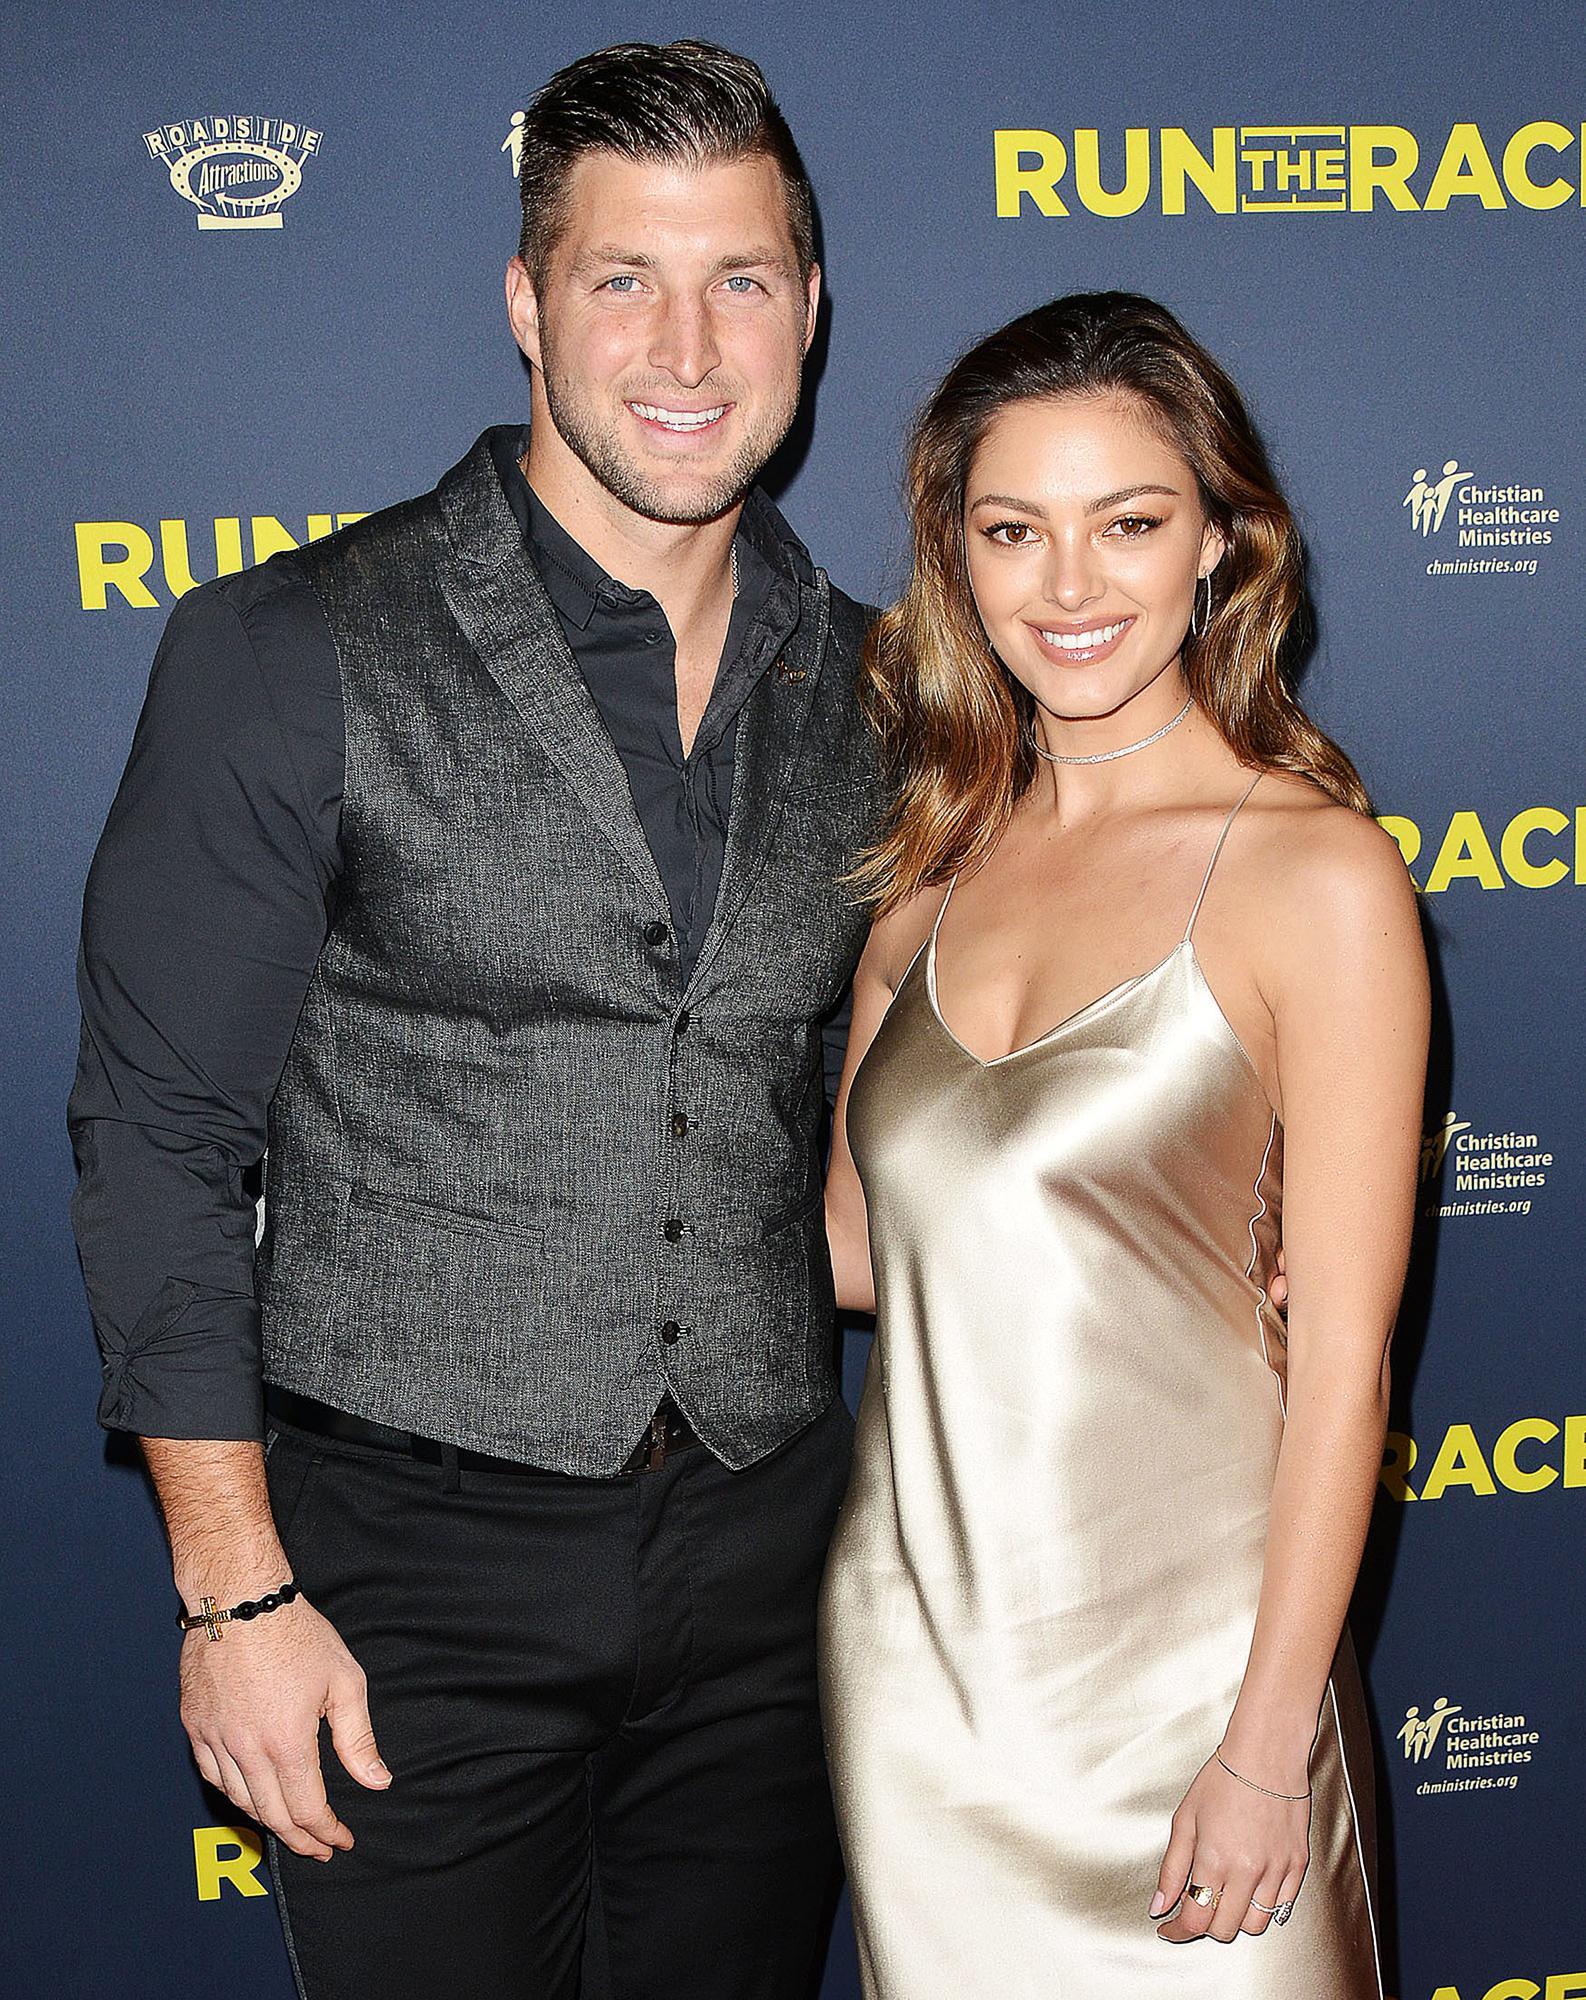 Models dating athletes dating sites for divorced parents